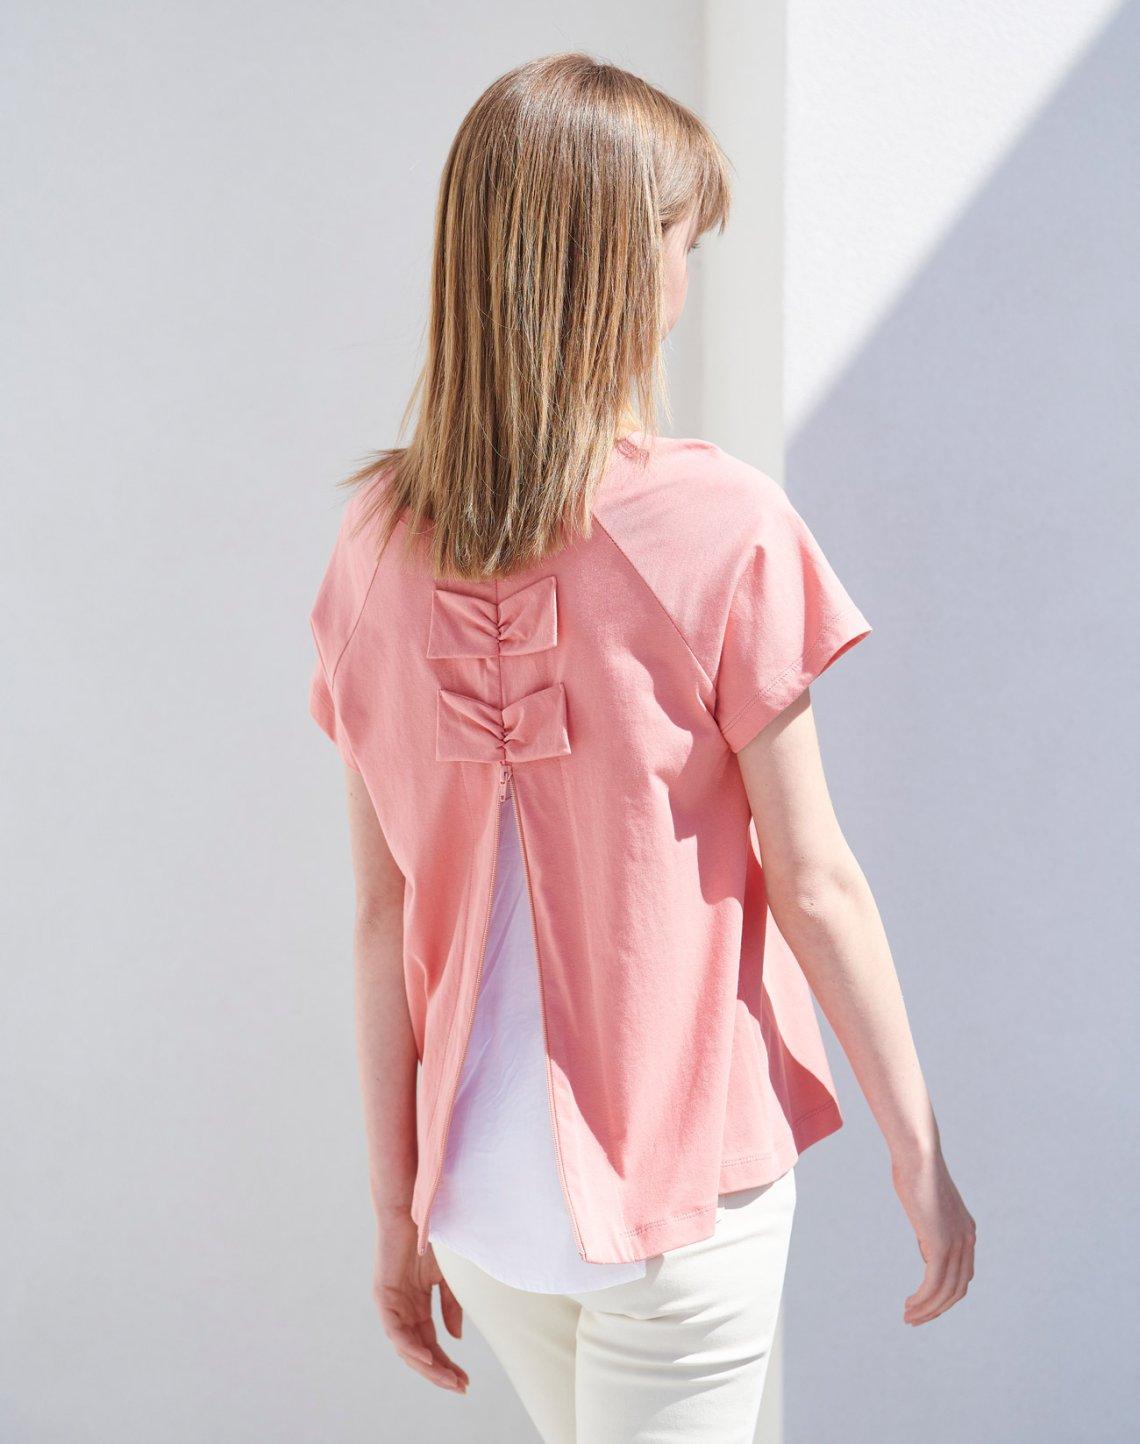 Μπλούζα σε συνδυασμό με φιόγκους